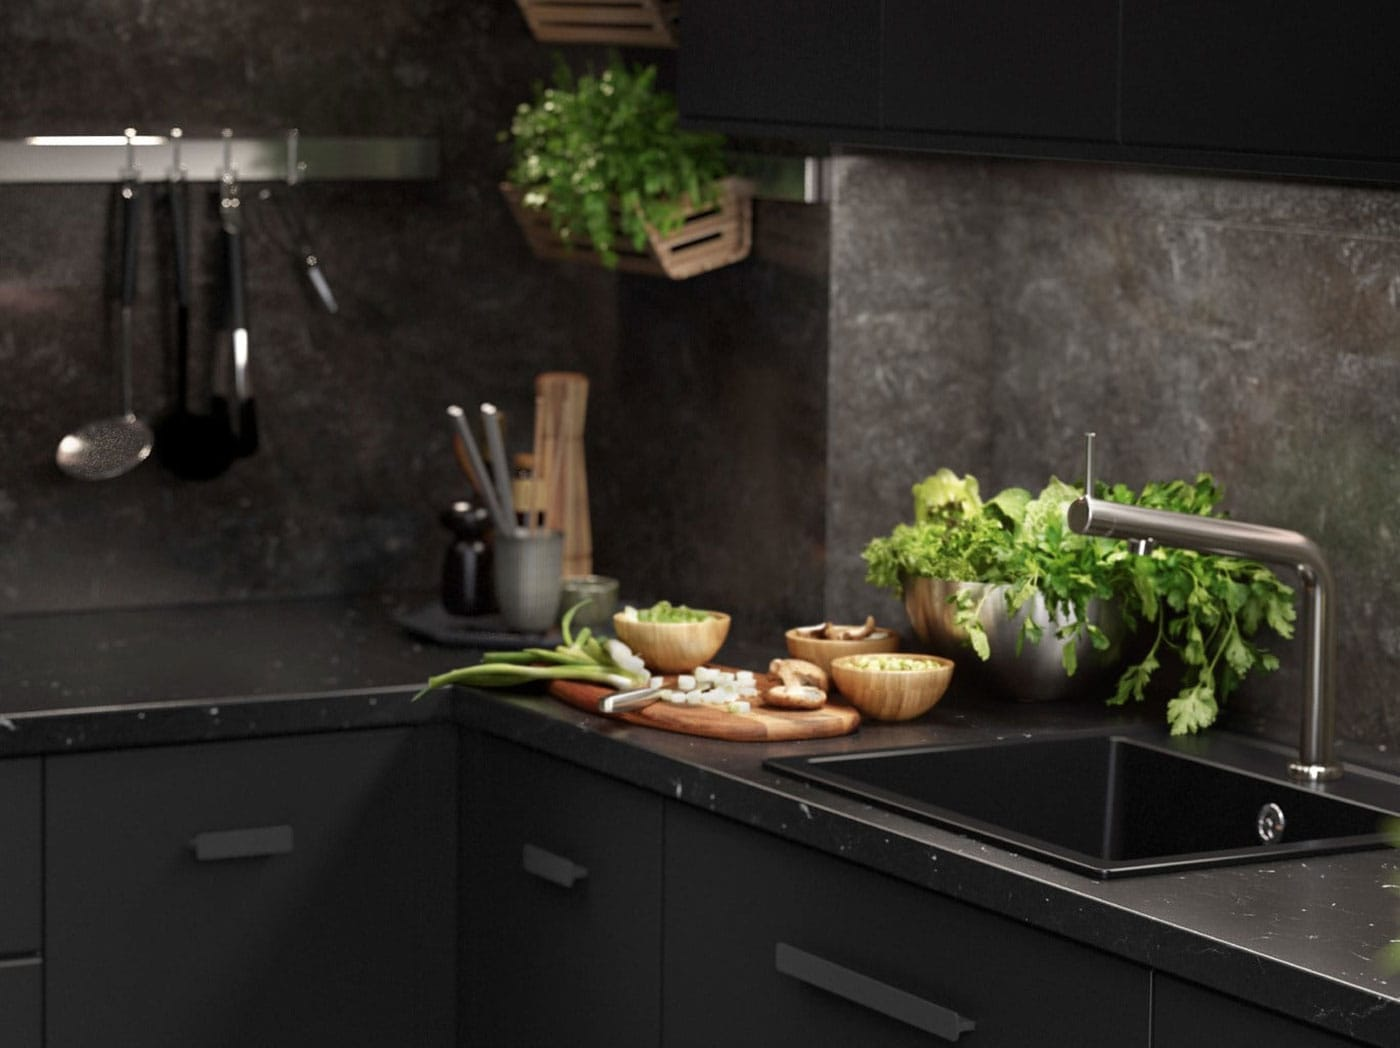 Černá kuchyňská linka Kungsbacka se zeleninou a bylinkami.